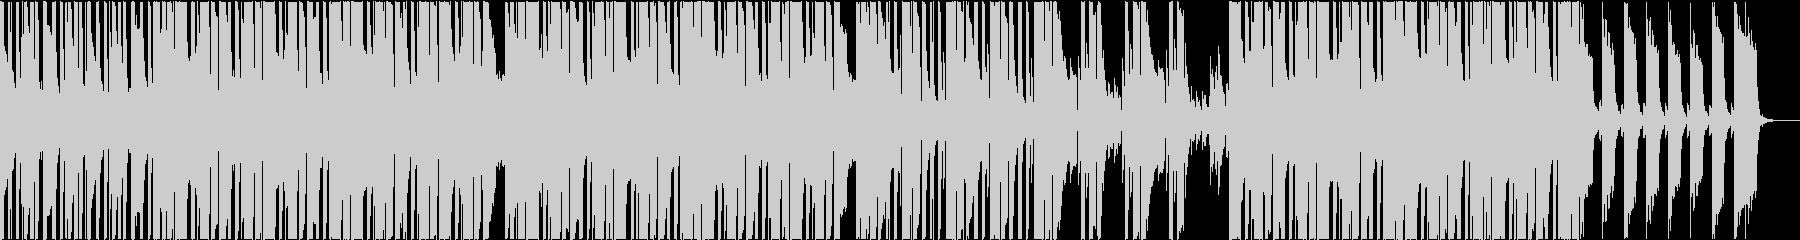 雨の日っぽいチル系ヒップホップの未再生の波形